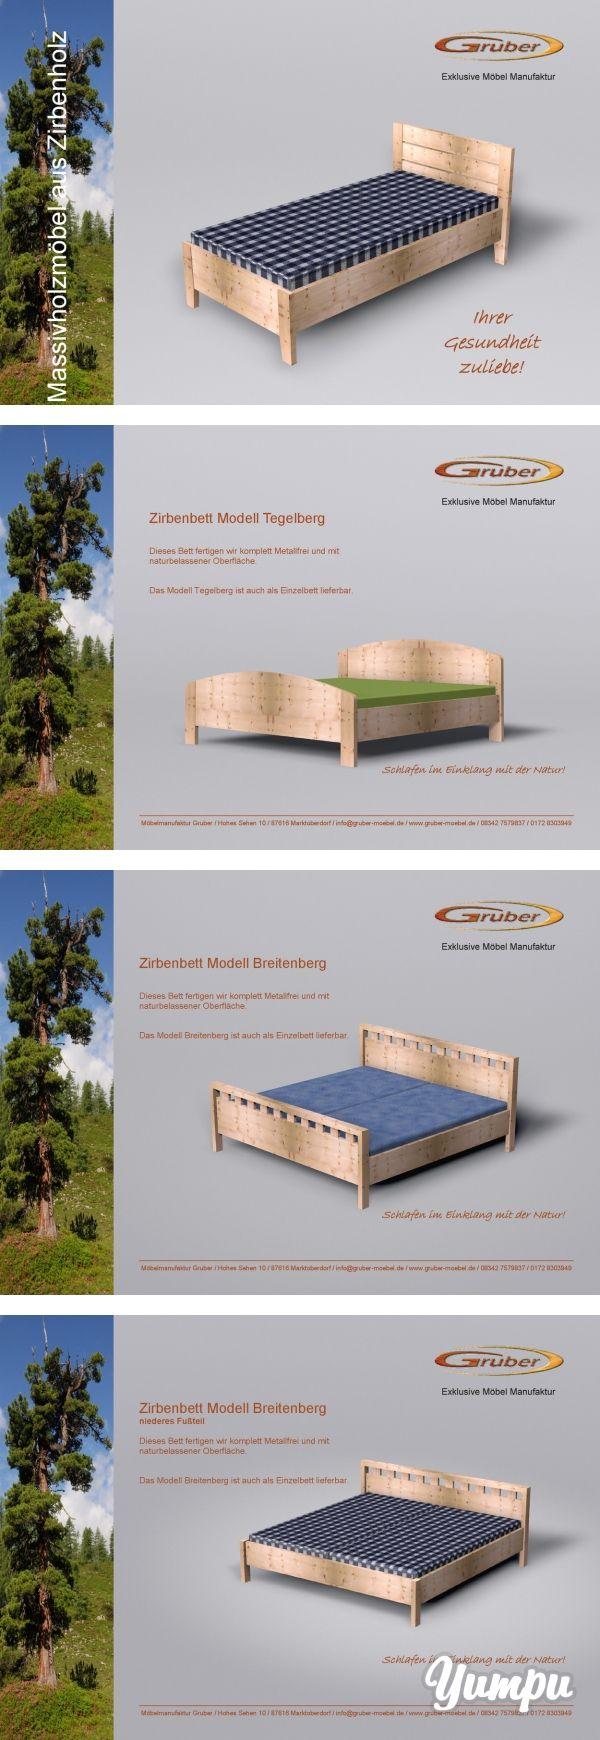 Massivholzmobel Aus Zirbenholz Betten Fur Einen Gesunden Schlaf